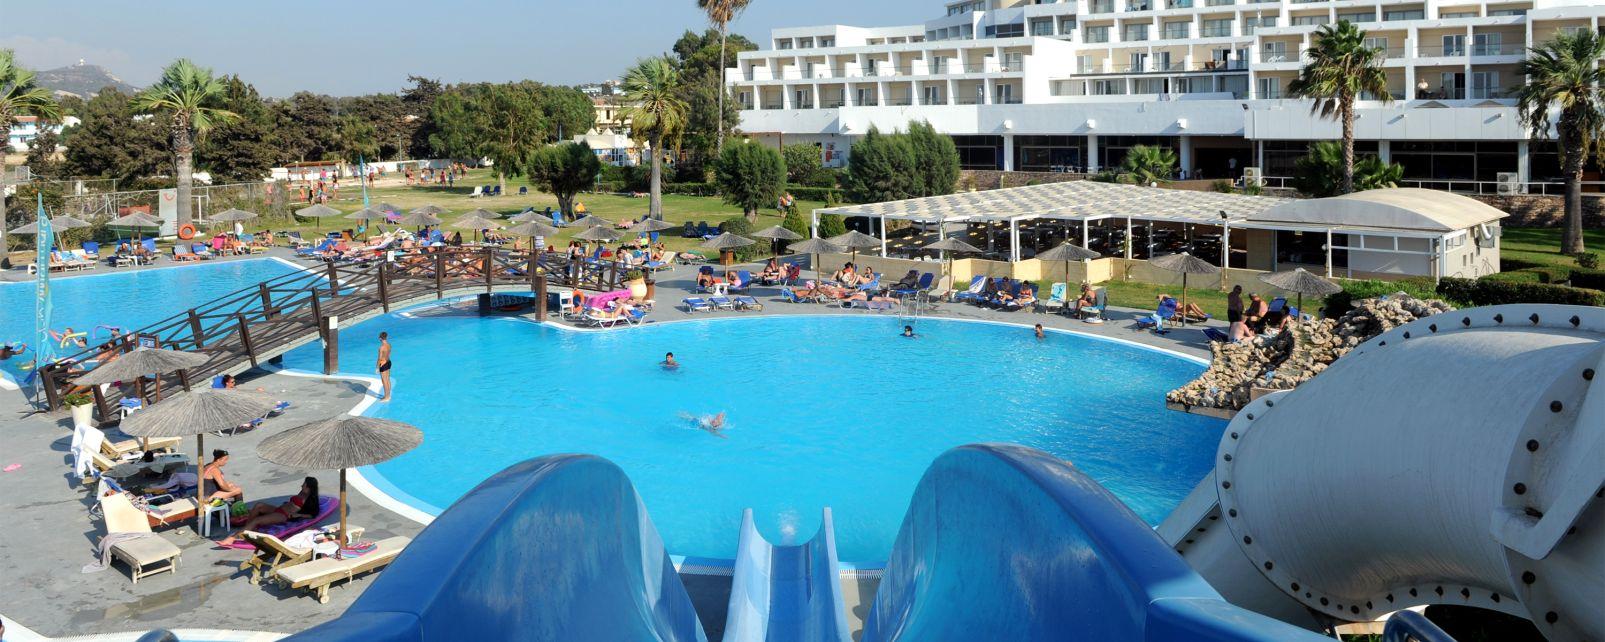 Avis Hotel Doreta Beach Rhodes